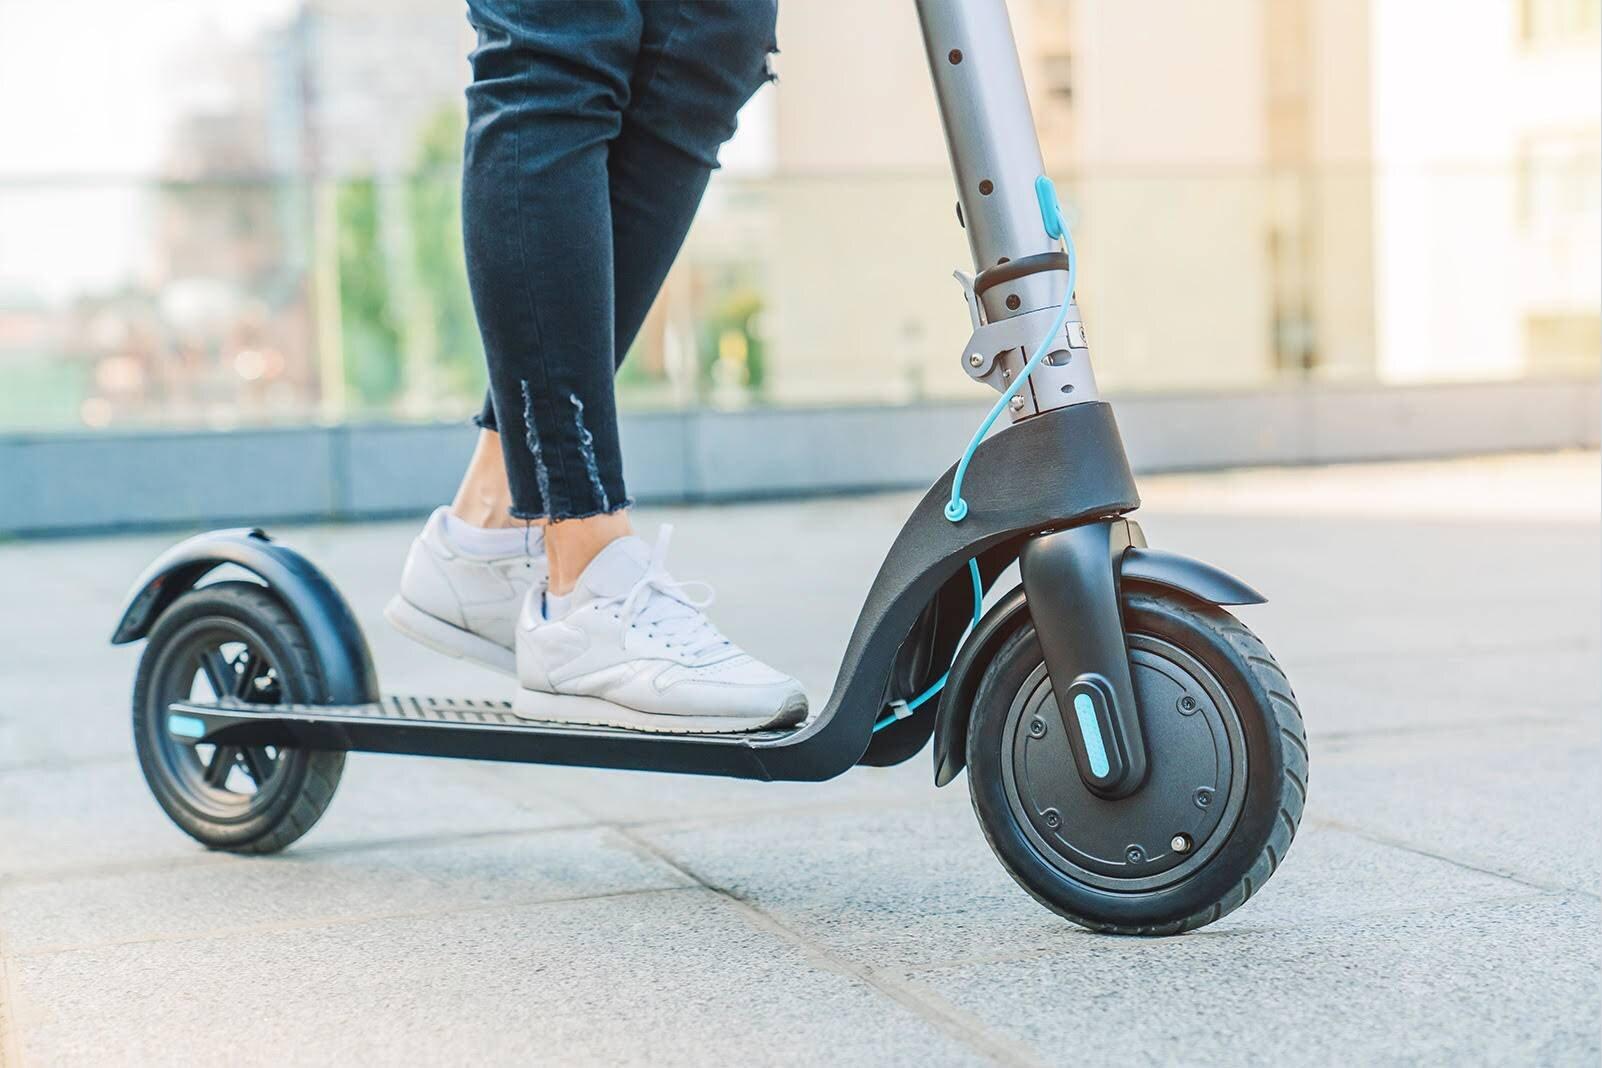 Araç kiralamalarda elektrikli scooter 20 TL